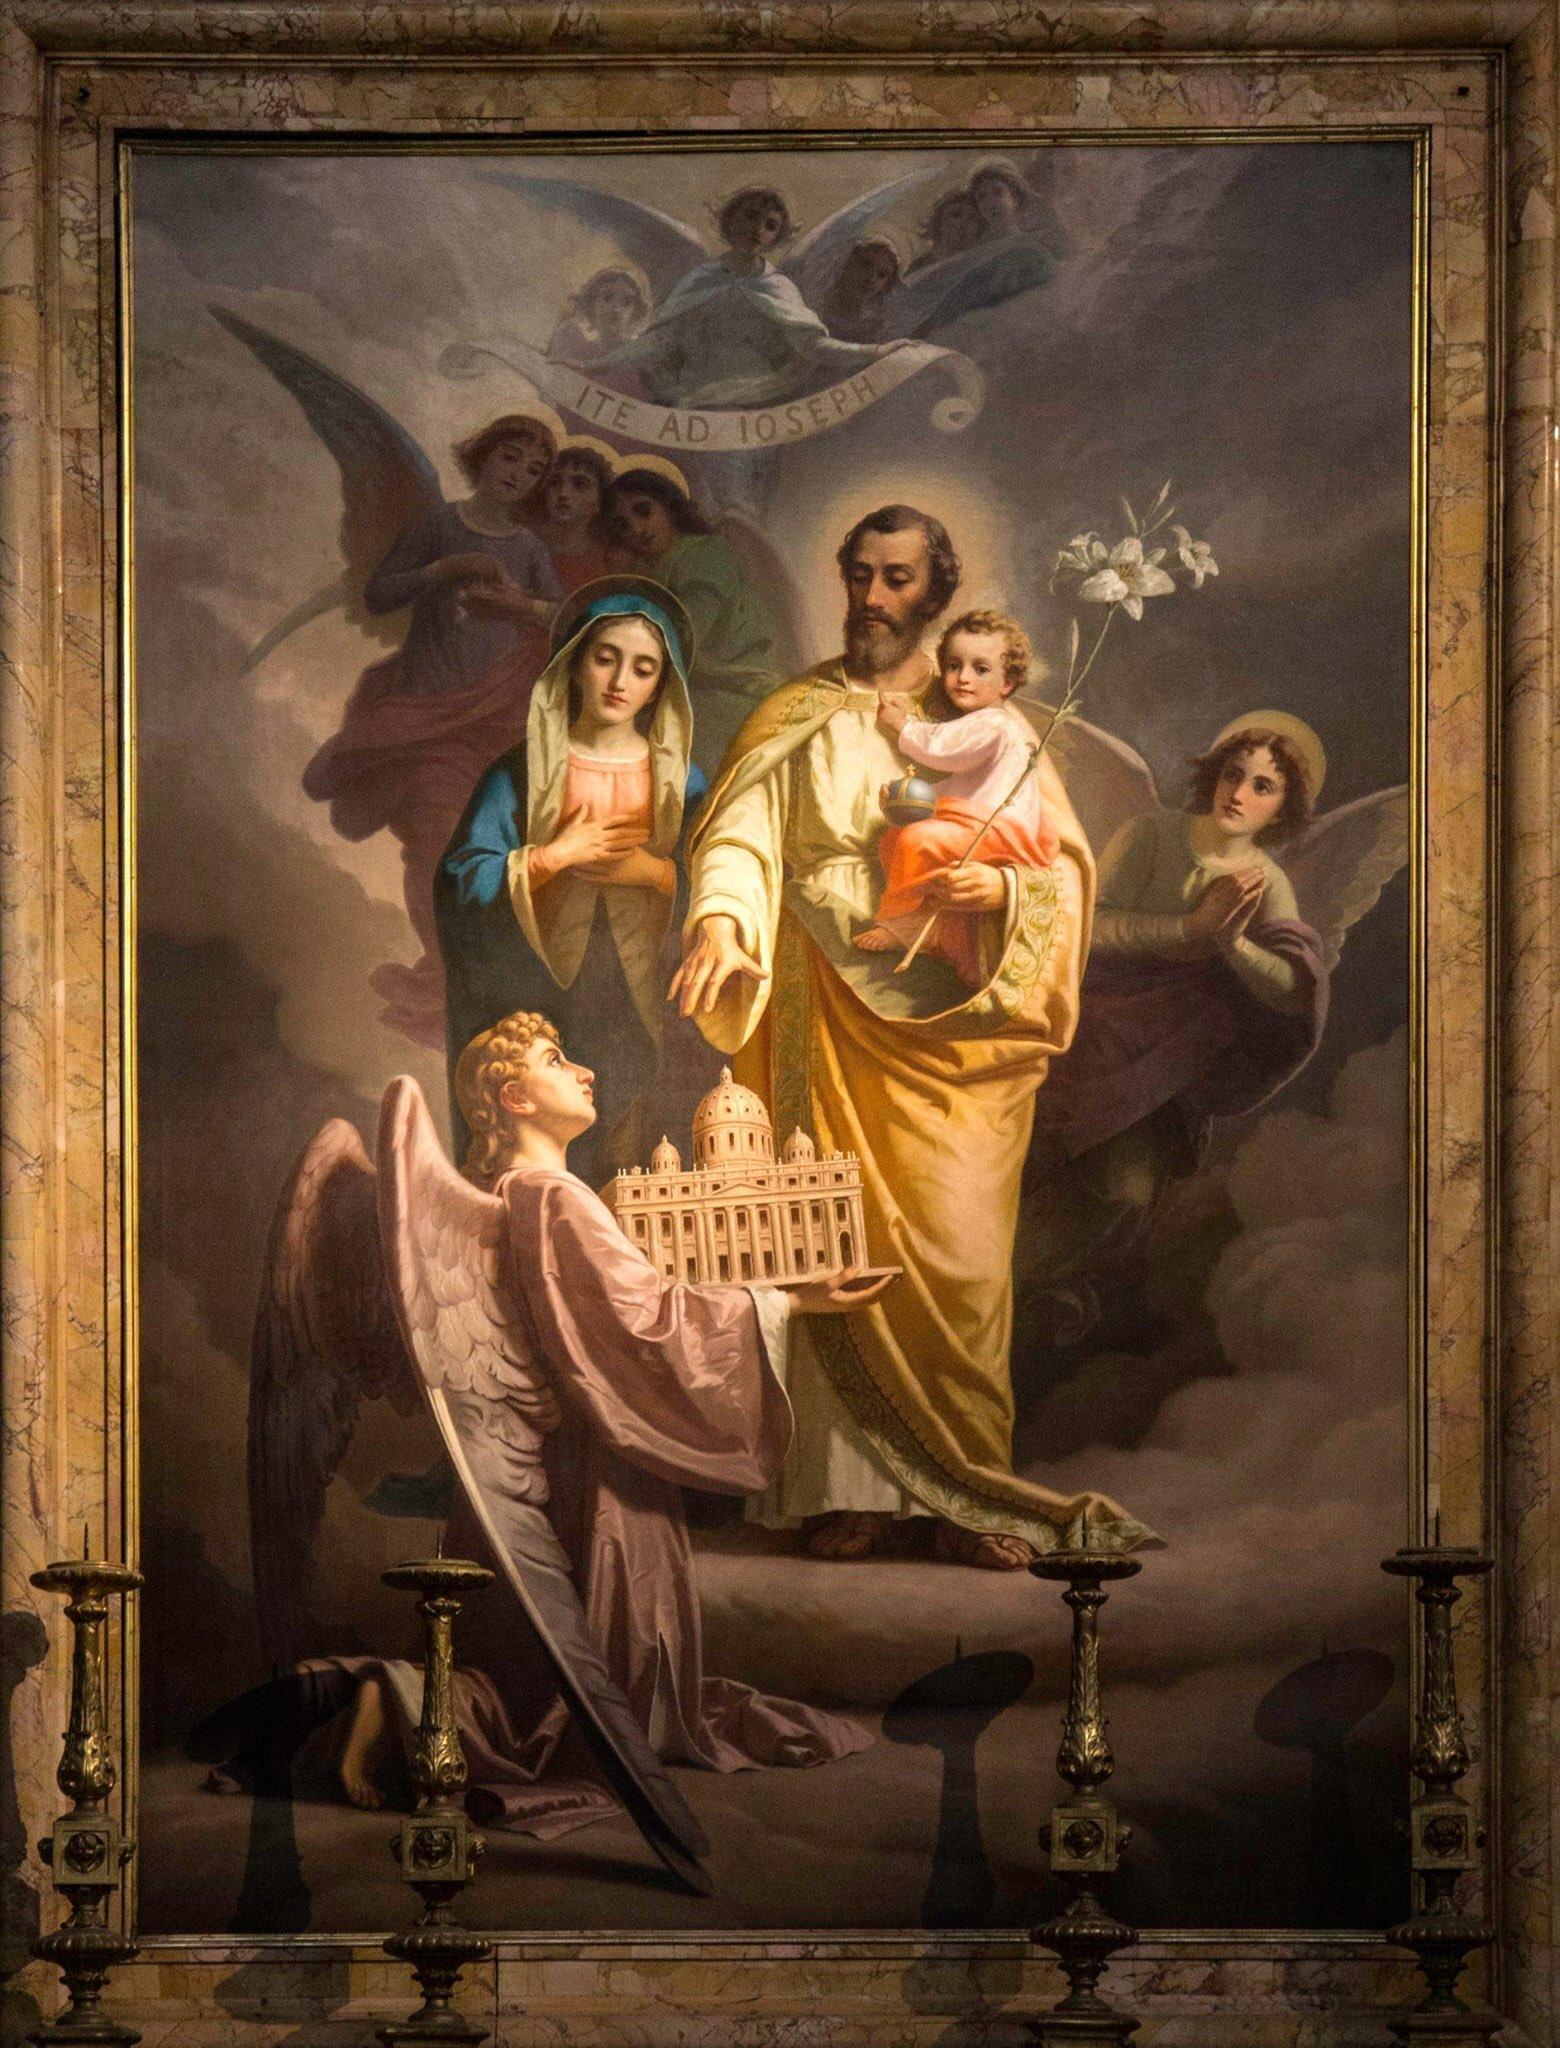 Le MOIS de SAINT JOSEPH par le R.P. Pedini (1854) - Page 4 St-joseph-patron-...selle-2--57315f0